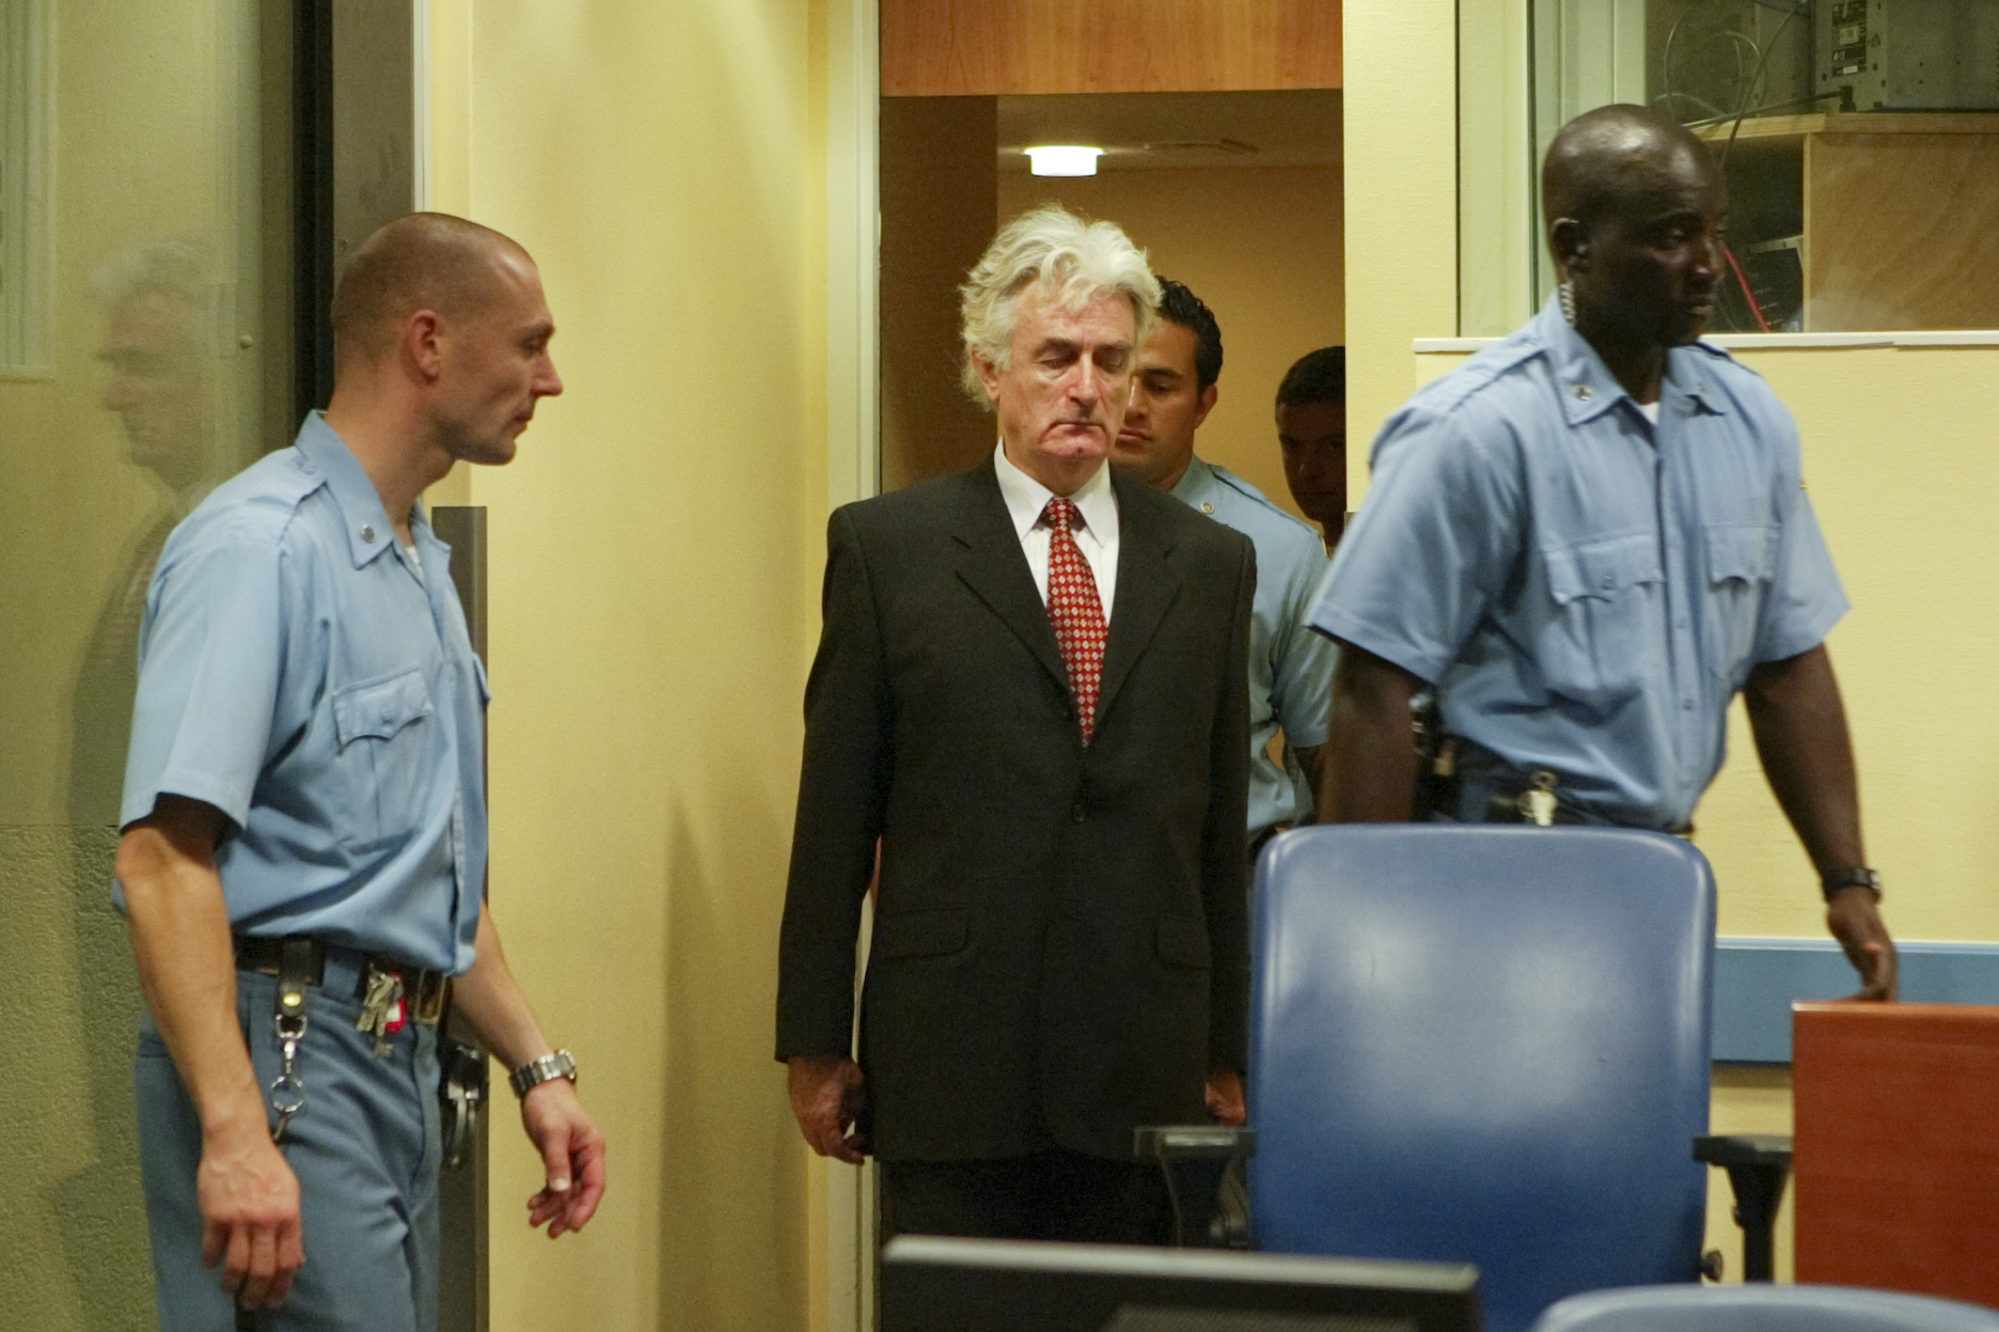 Procès de Radovan Karadzic en Ex-Yougoslavie